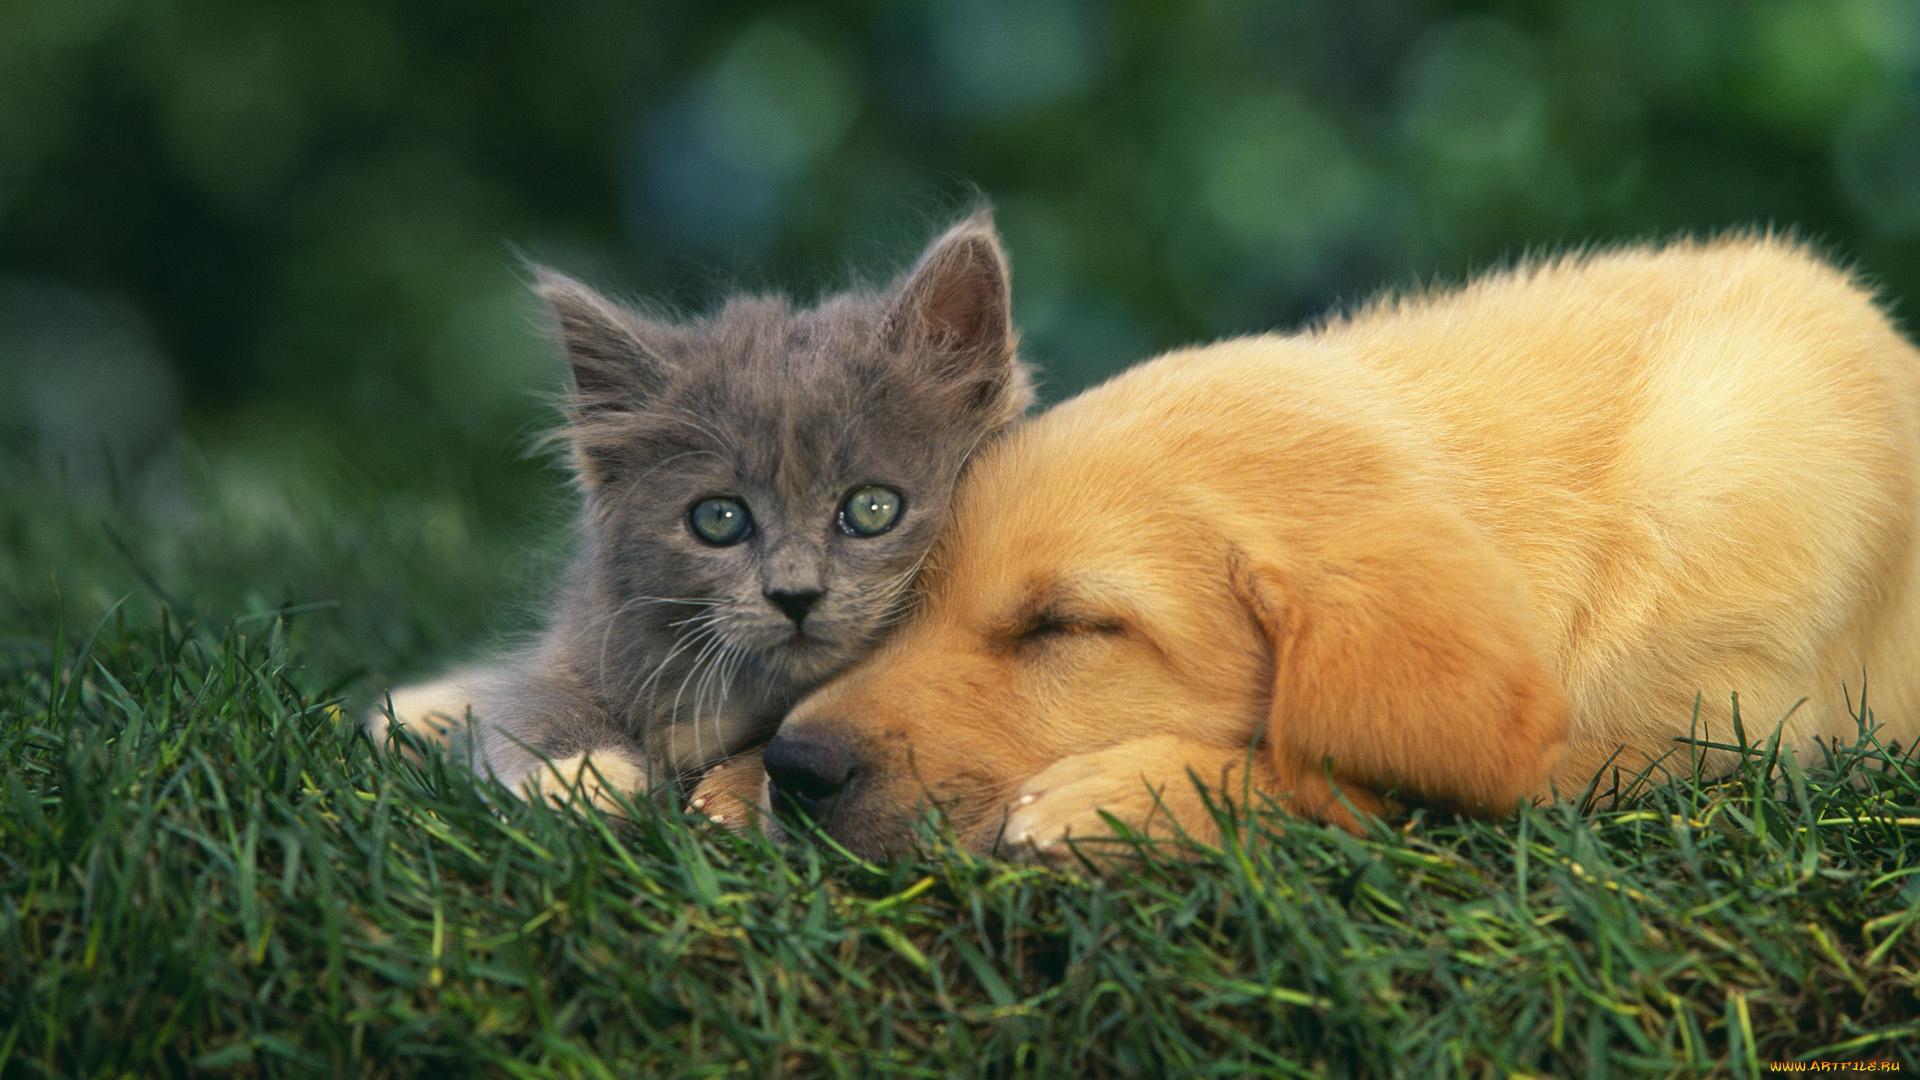 Картинка кошки и собаки